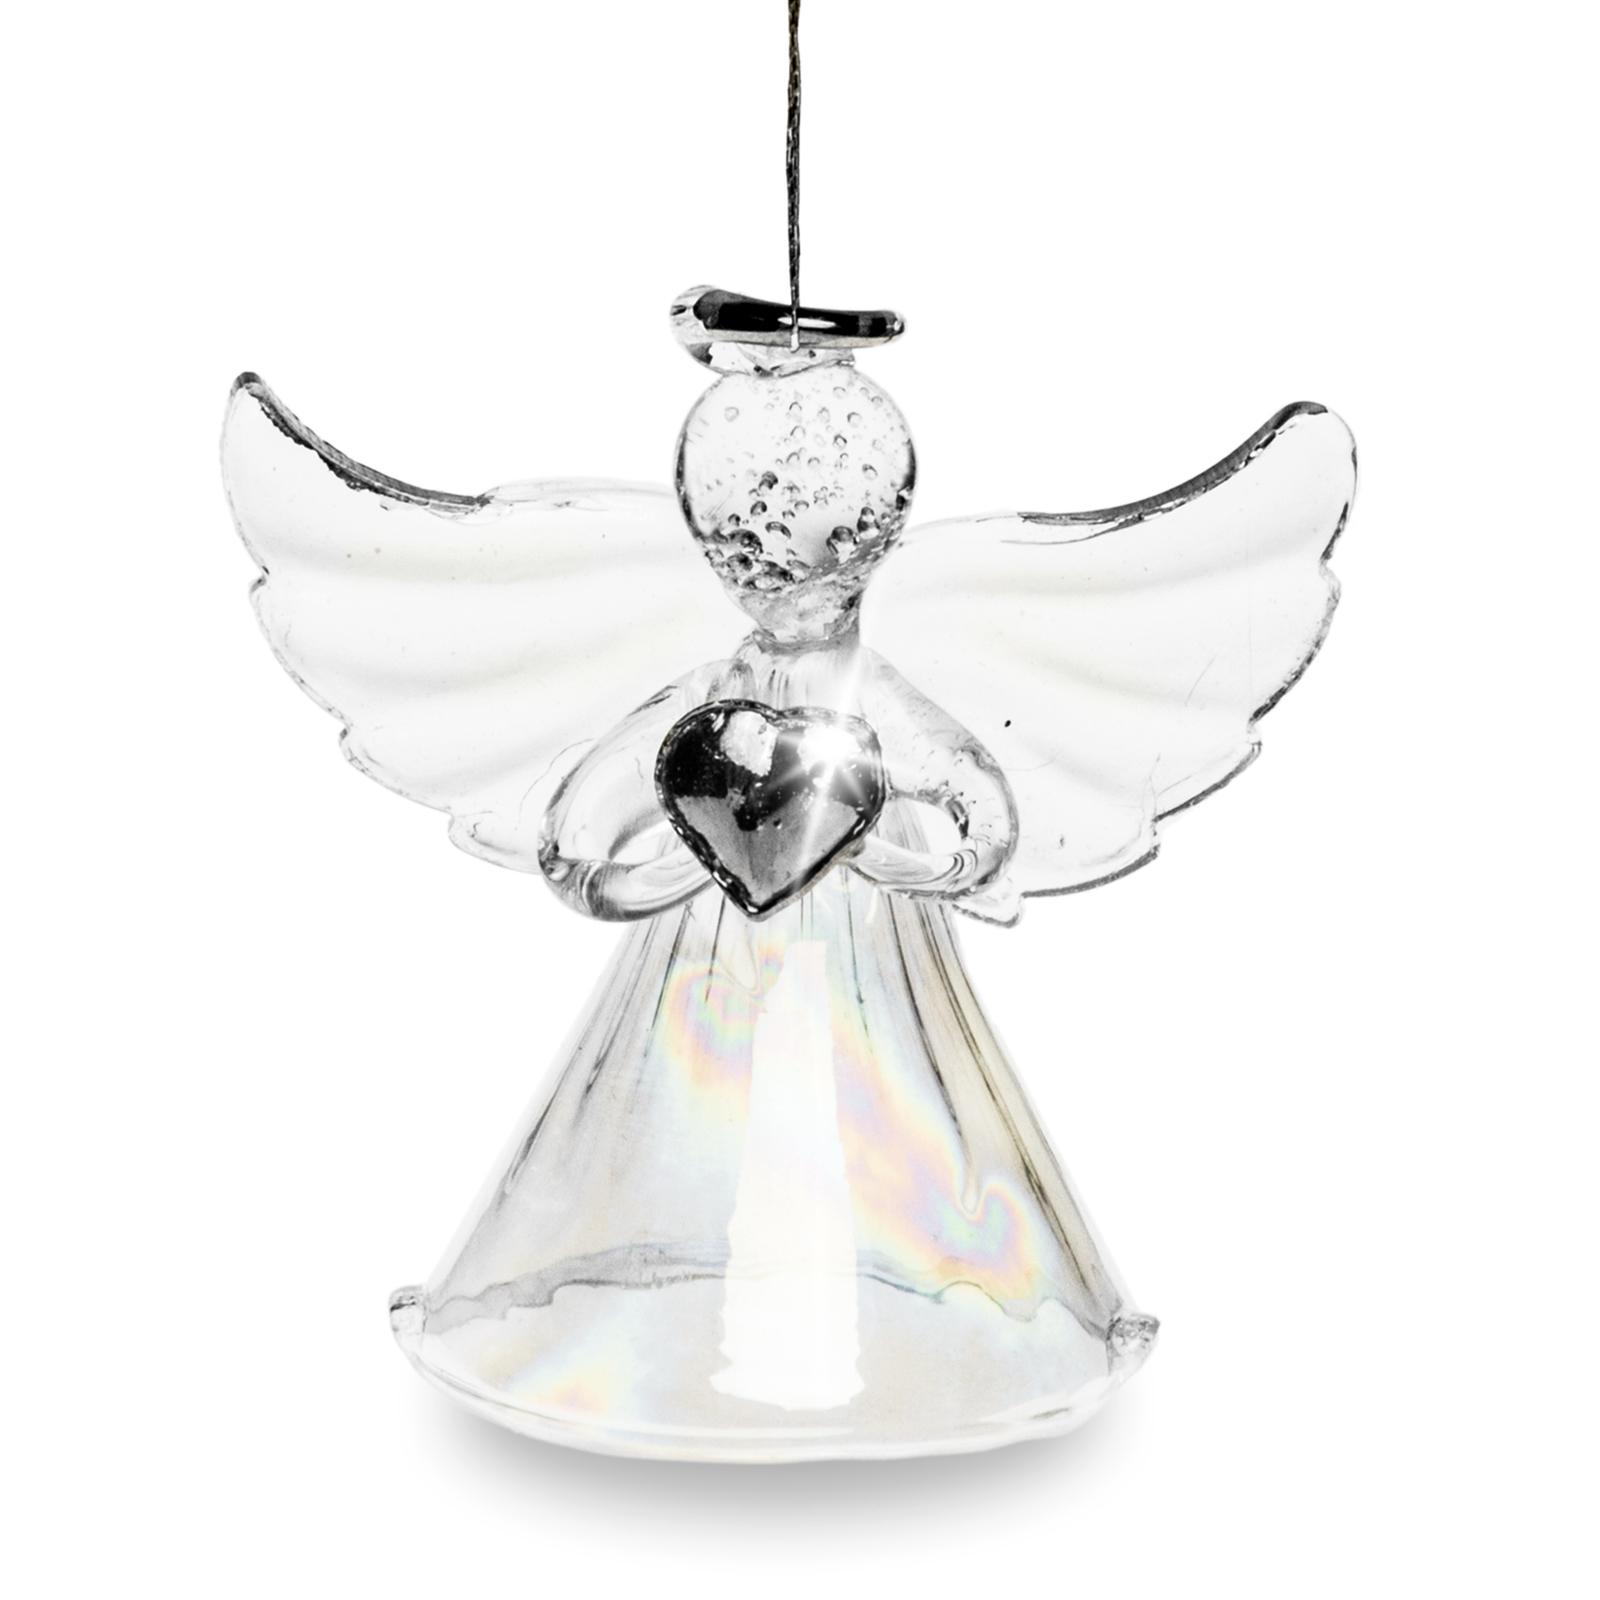 Sikora Bs241 Christbaumschmuck Aus Glas Engel Mit Irisierendem Rock